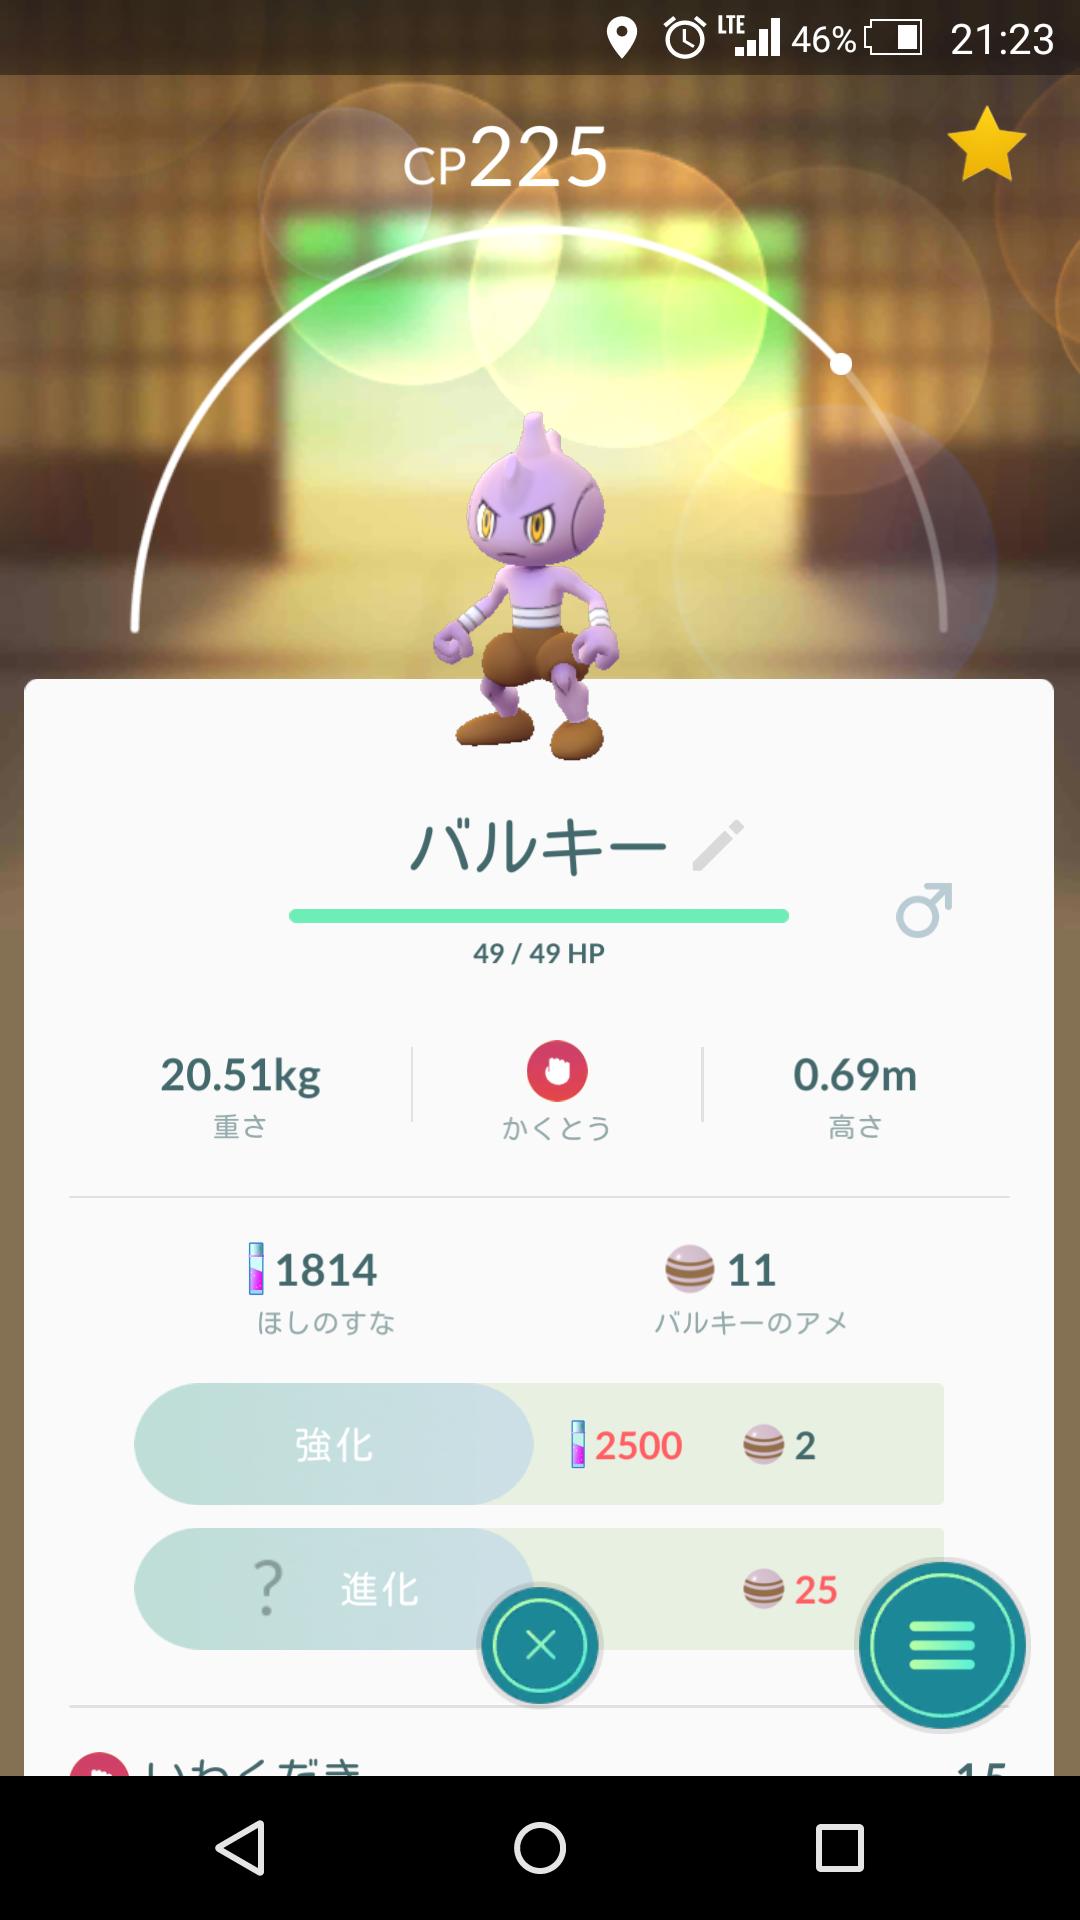 ポケモンGOをやっている人!Part.13